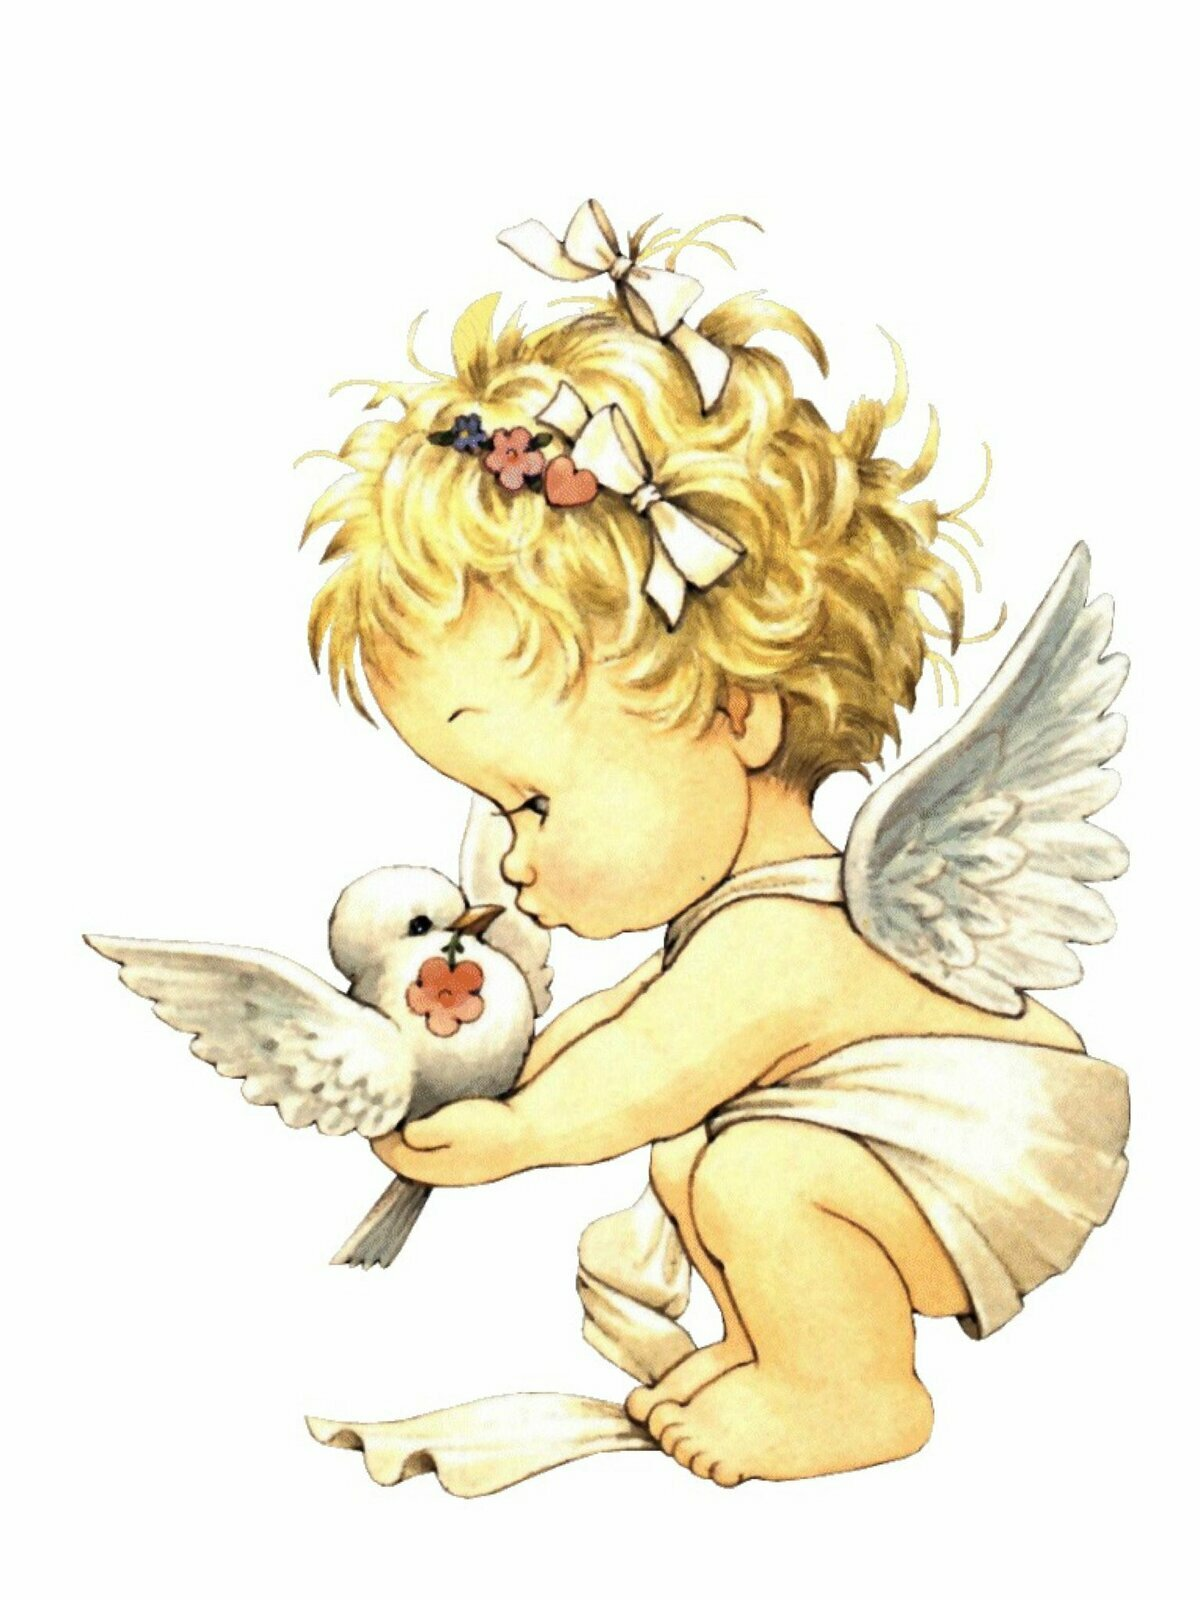 ангелочки на стр друзей картинки использовать больше